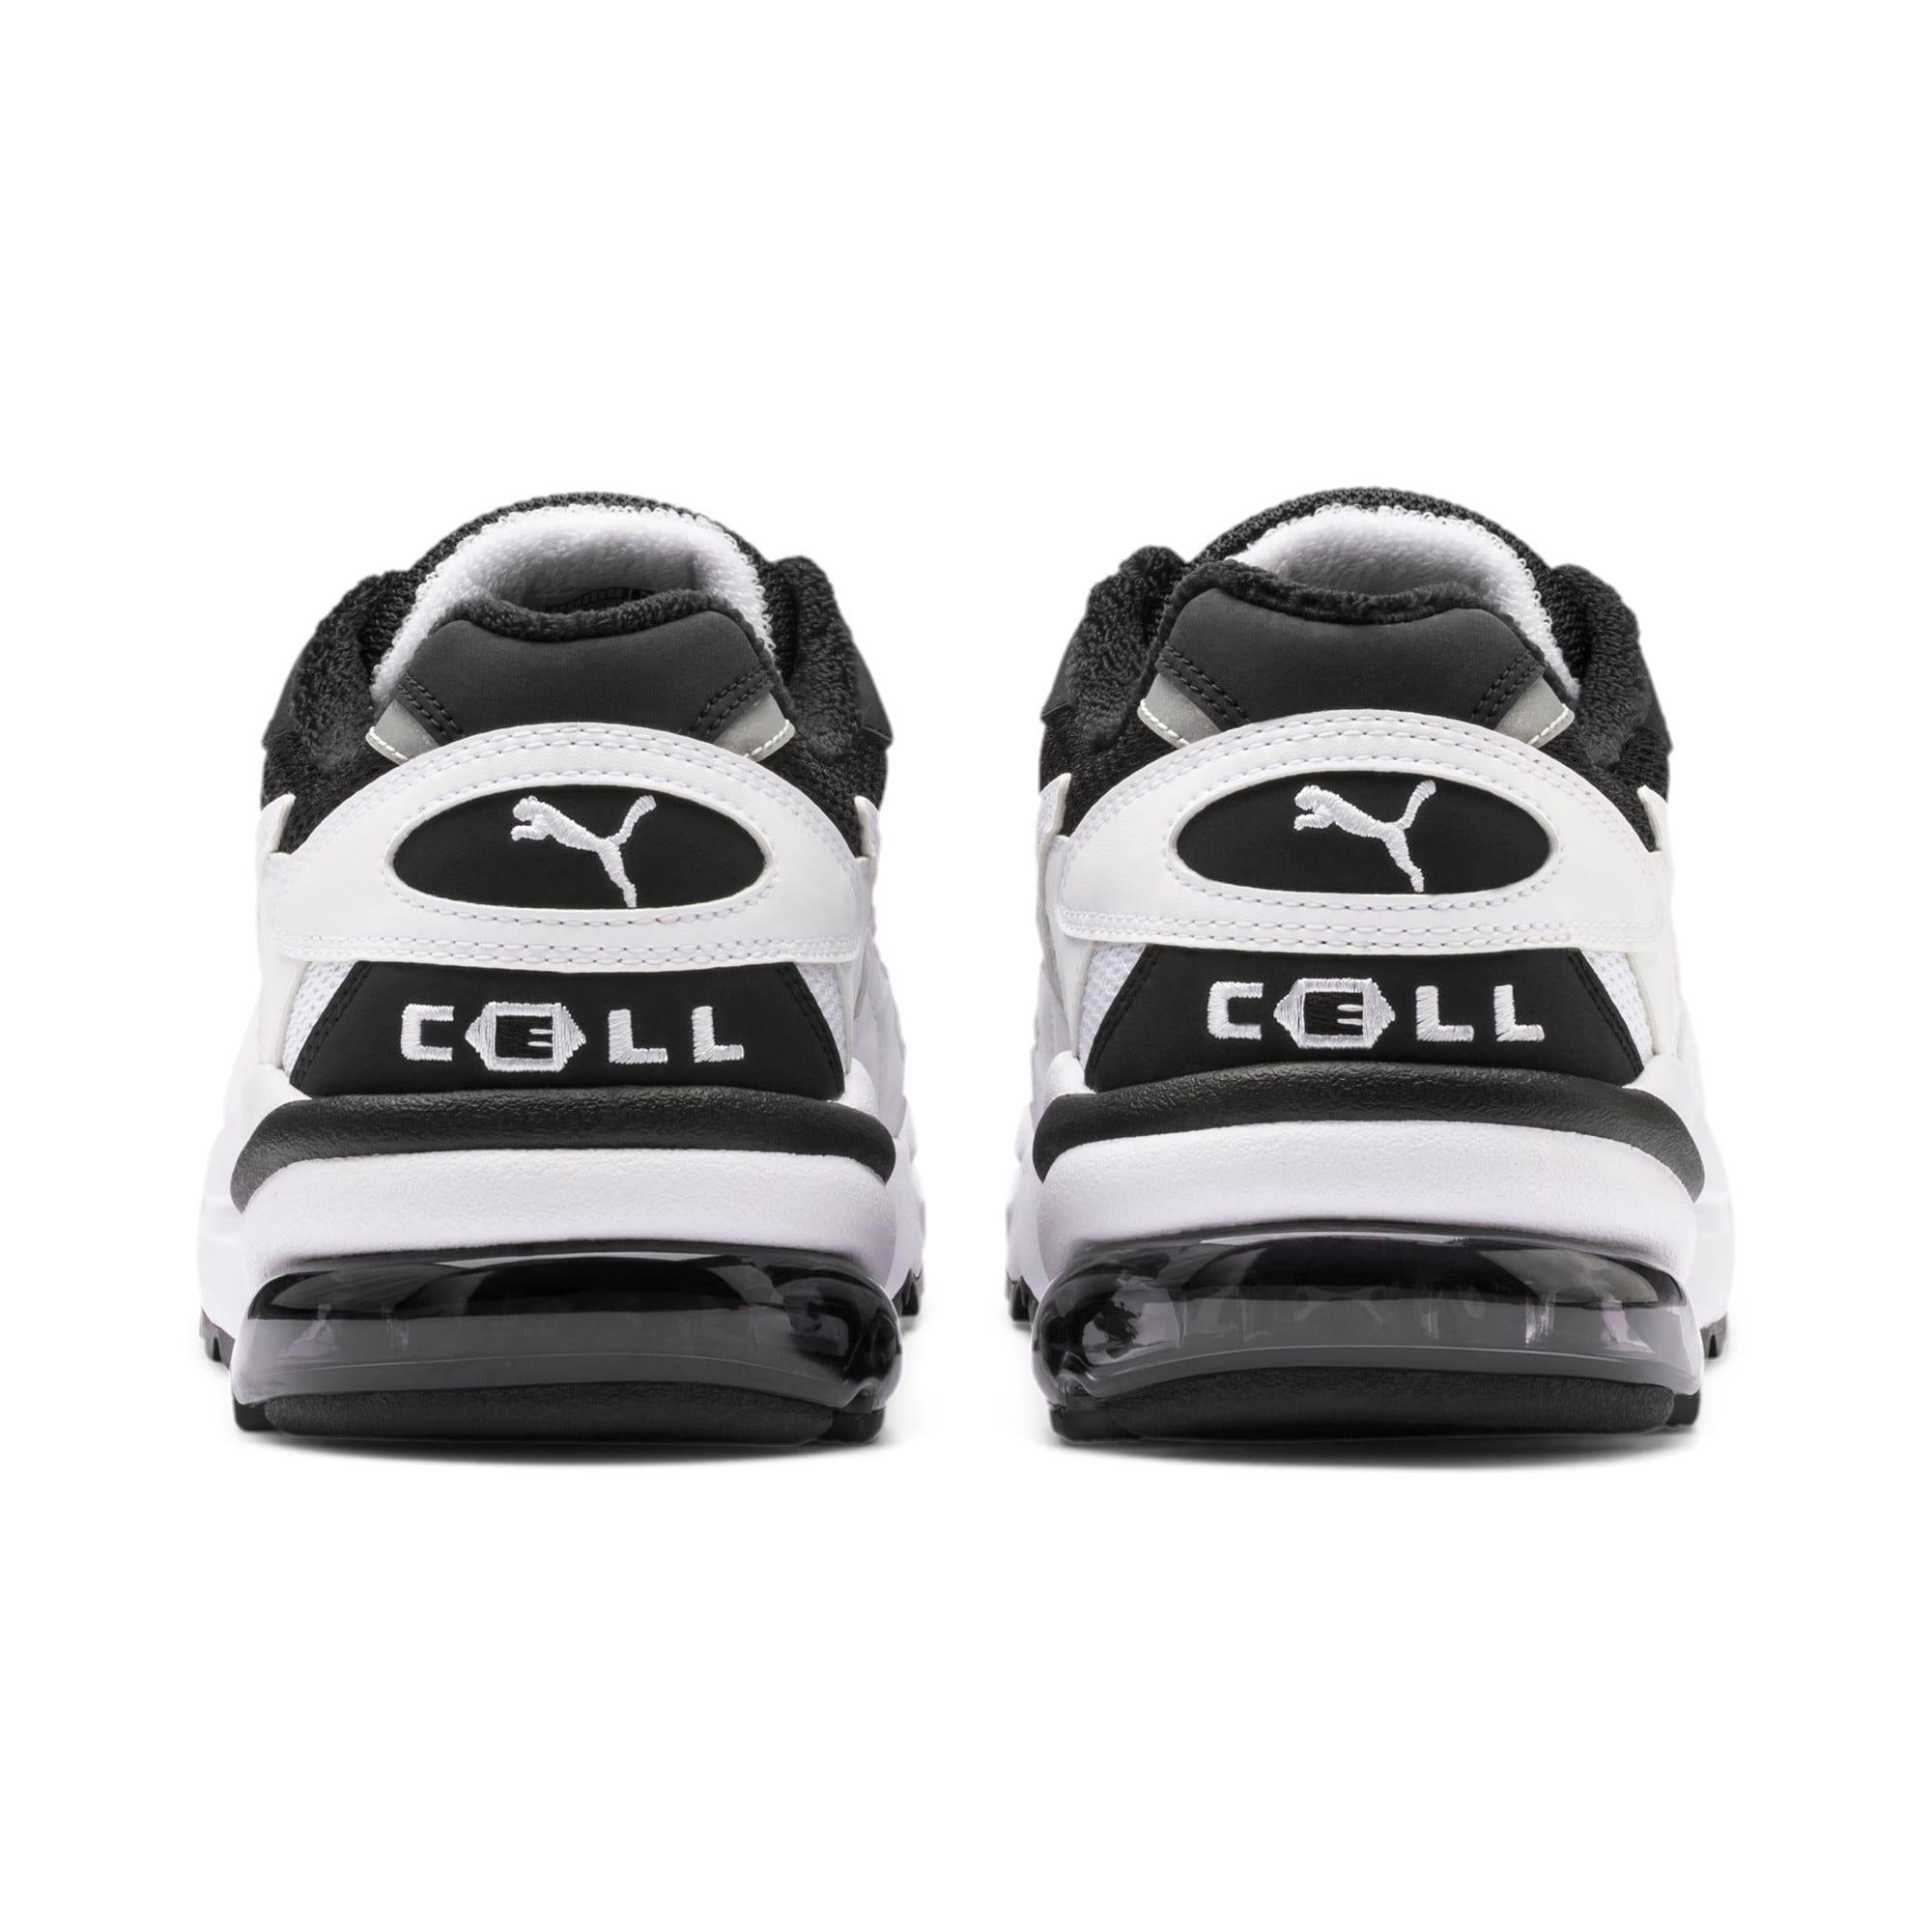 Thumbnail 4 of CELL Alien OG Sneaker, Puma Black-Puma White, medium